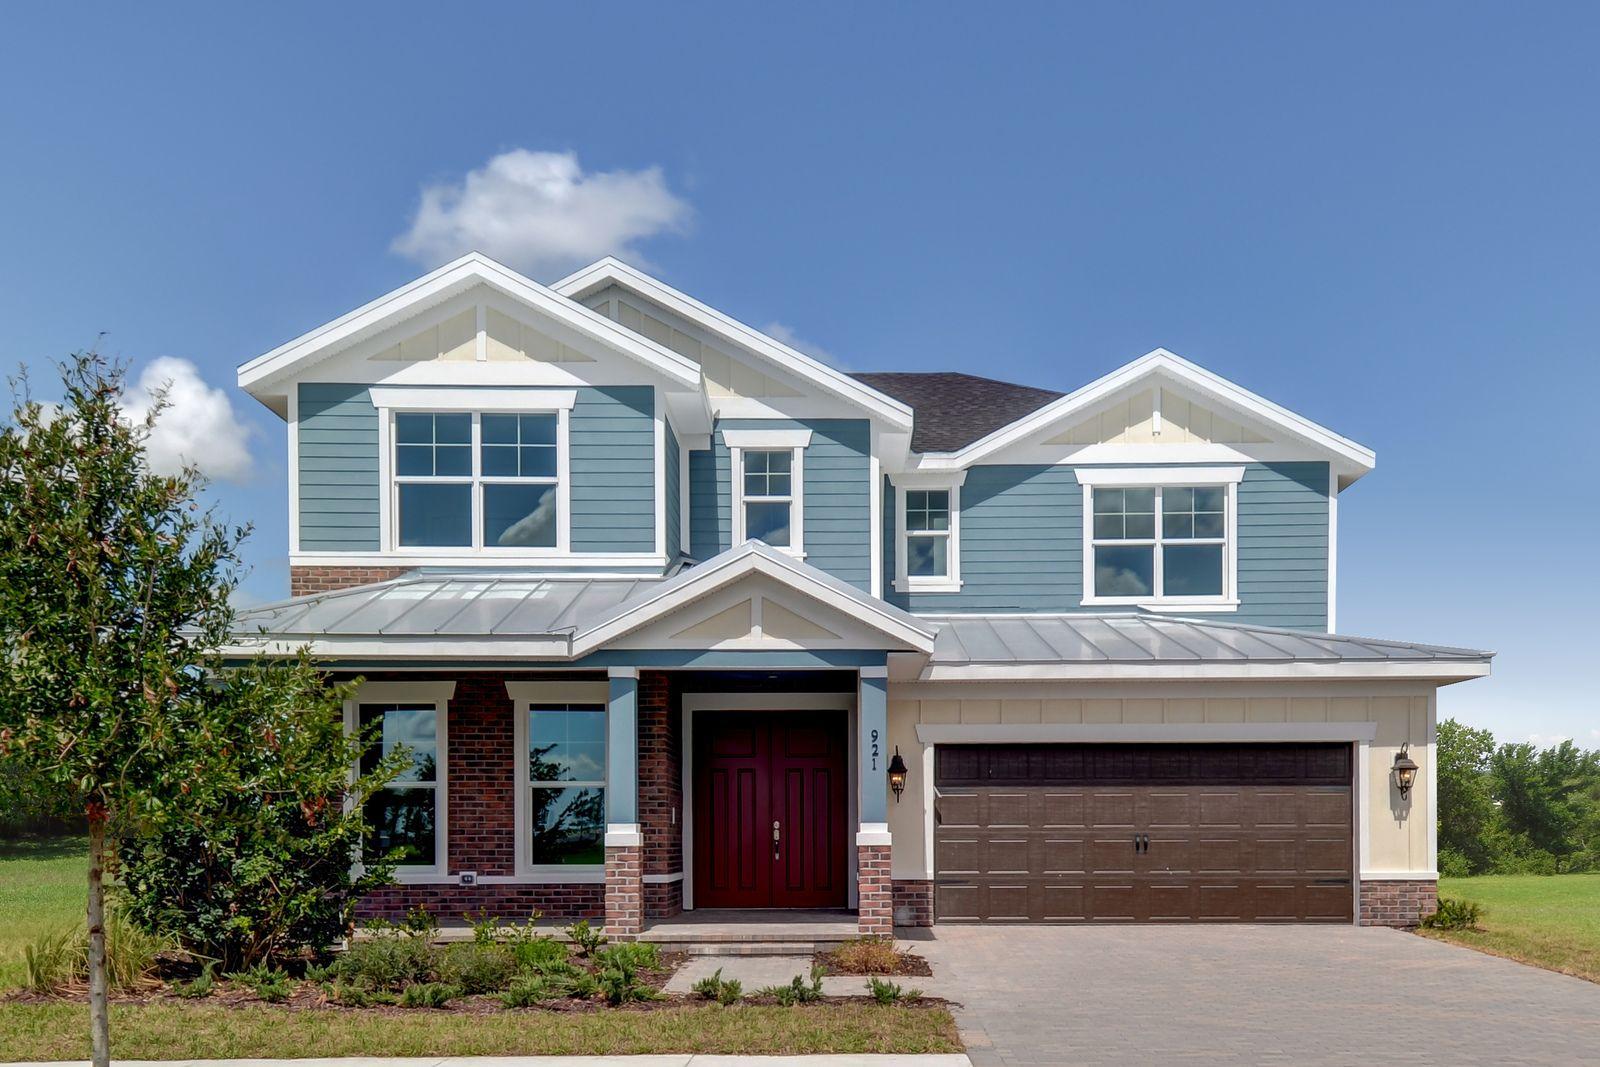 Single Familie für Verkauf beim Corley 915 Sweetgrass Street Wellington, Florida 33470 United States